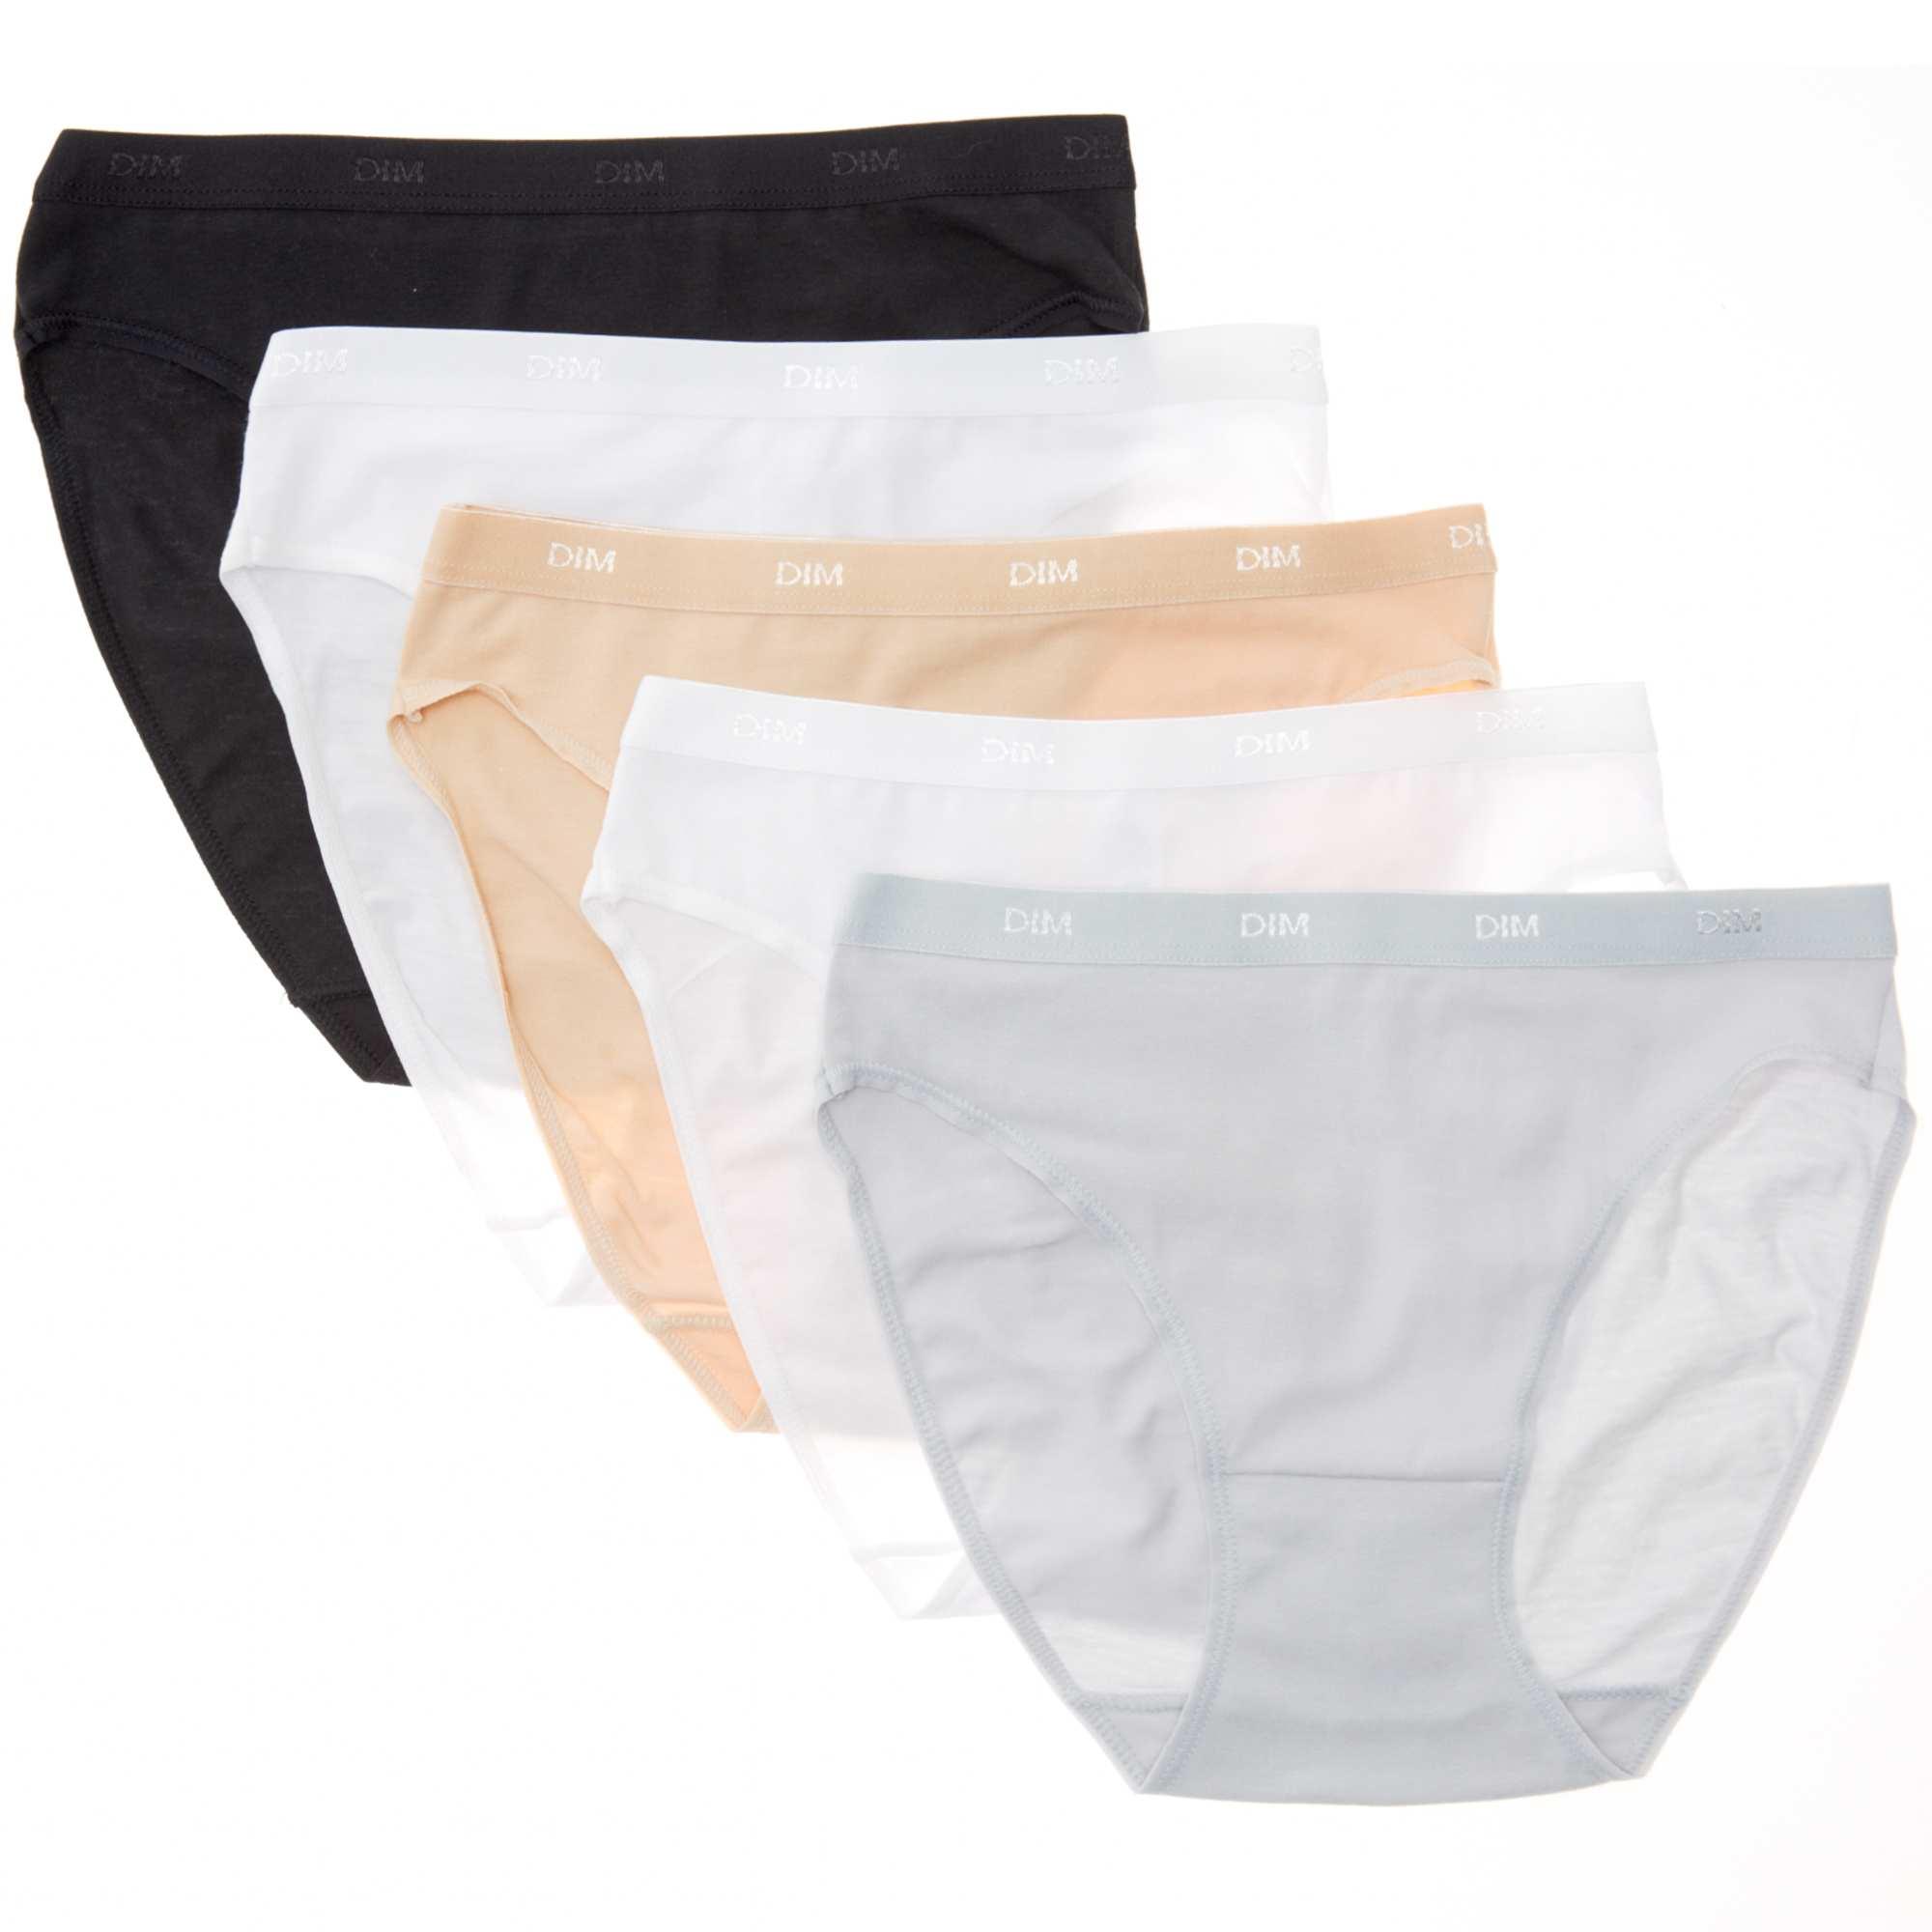 lot de 5 culottes coton stretch les pockets 39 dim 39 lingerie. Black Bedroom Furniture Sets. Home Design Ideas